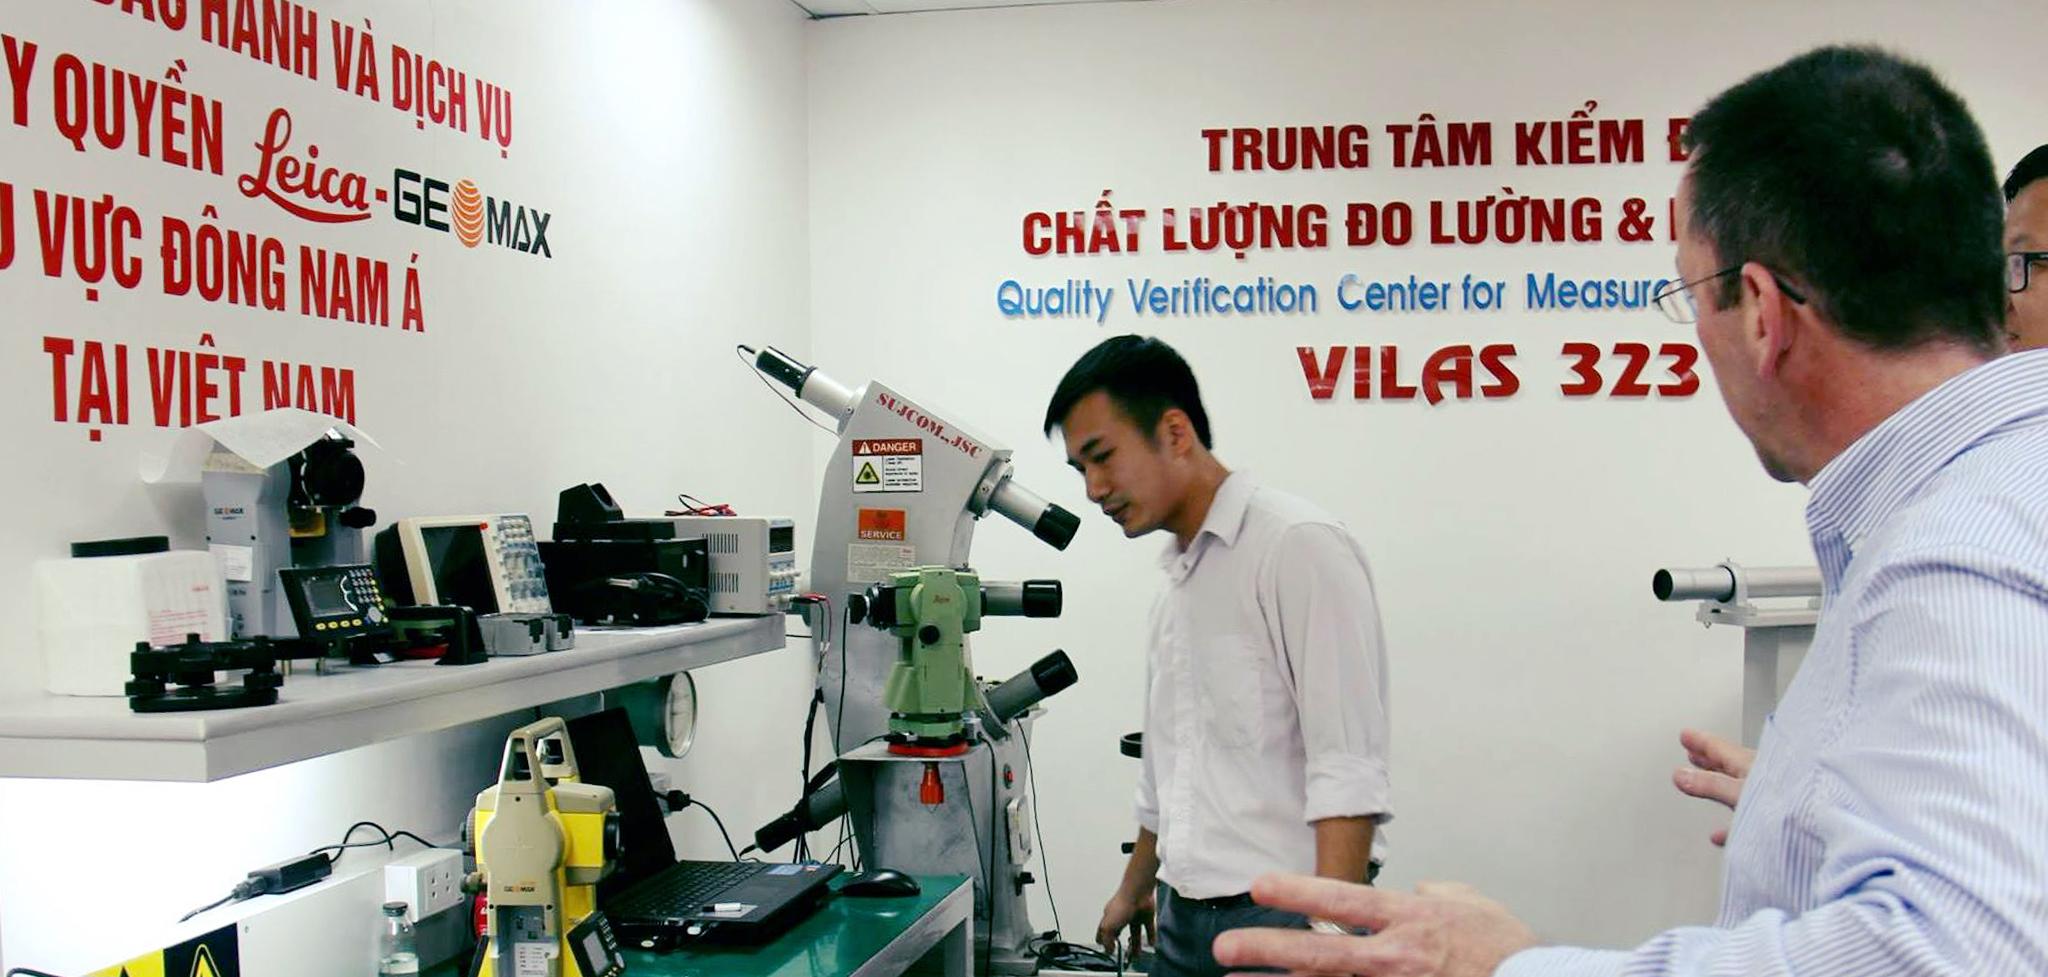 phòng sửa chữa hiệu chuẩn kiểm định thiết bị trắc địa VILAS232